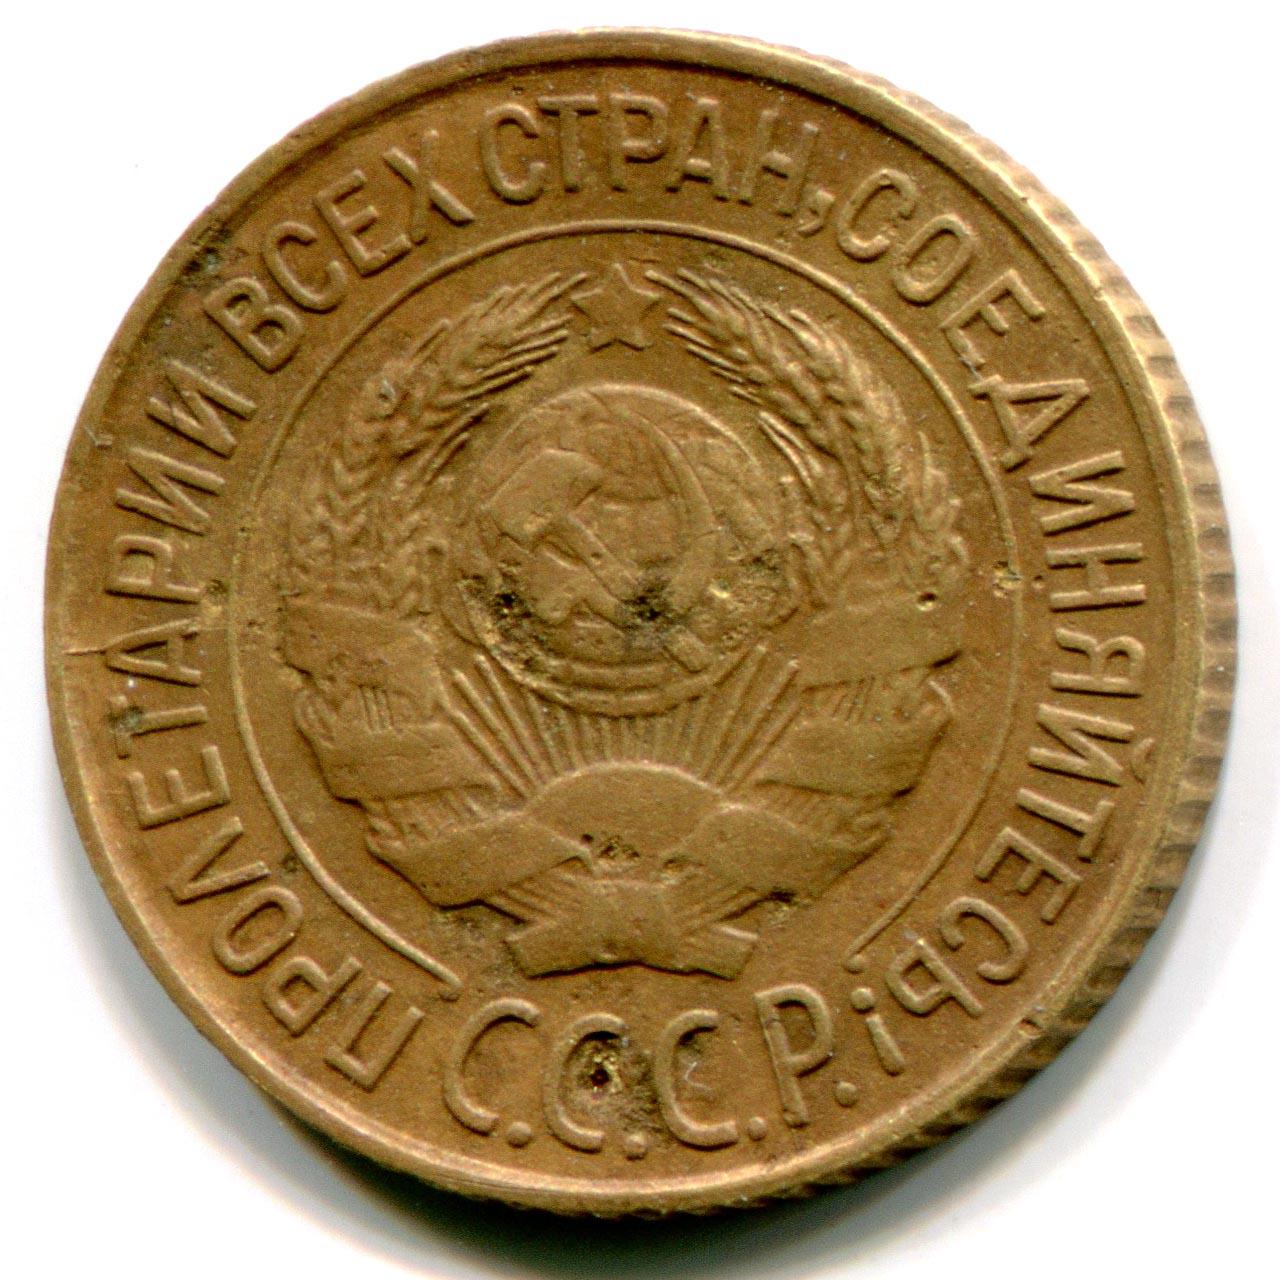 Сколько стоит 1 копейка 1927 года цена poryvaev ru